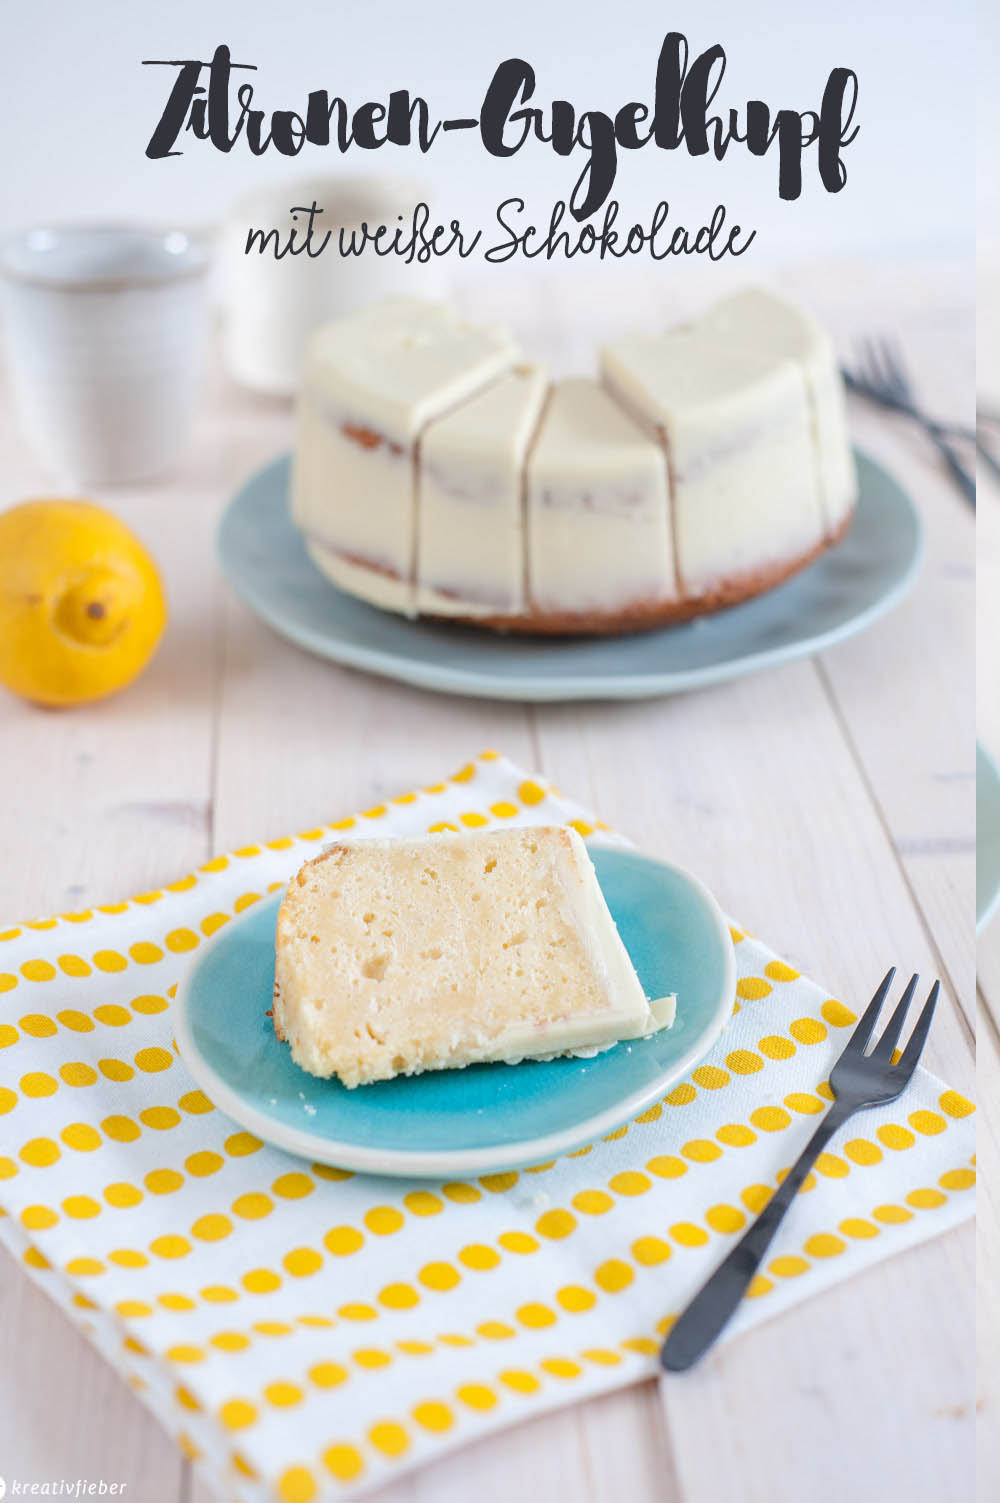 Zitronenkuchen mit weißer Schokoladenüberzug